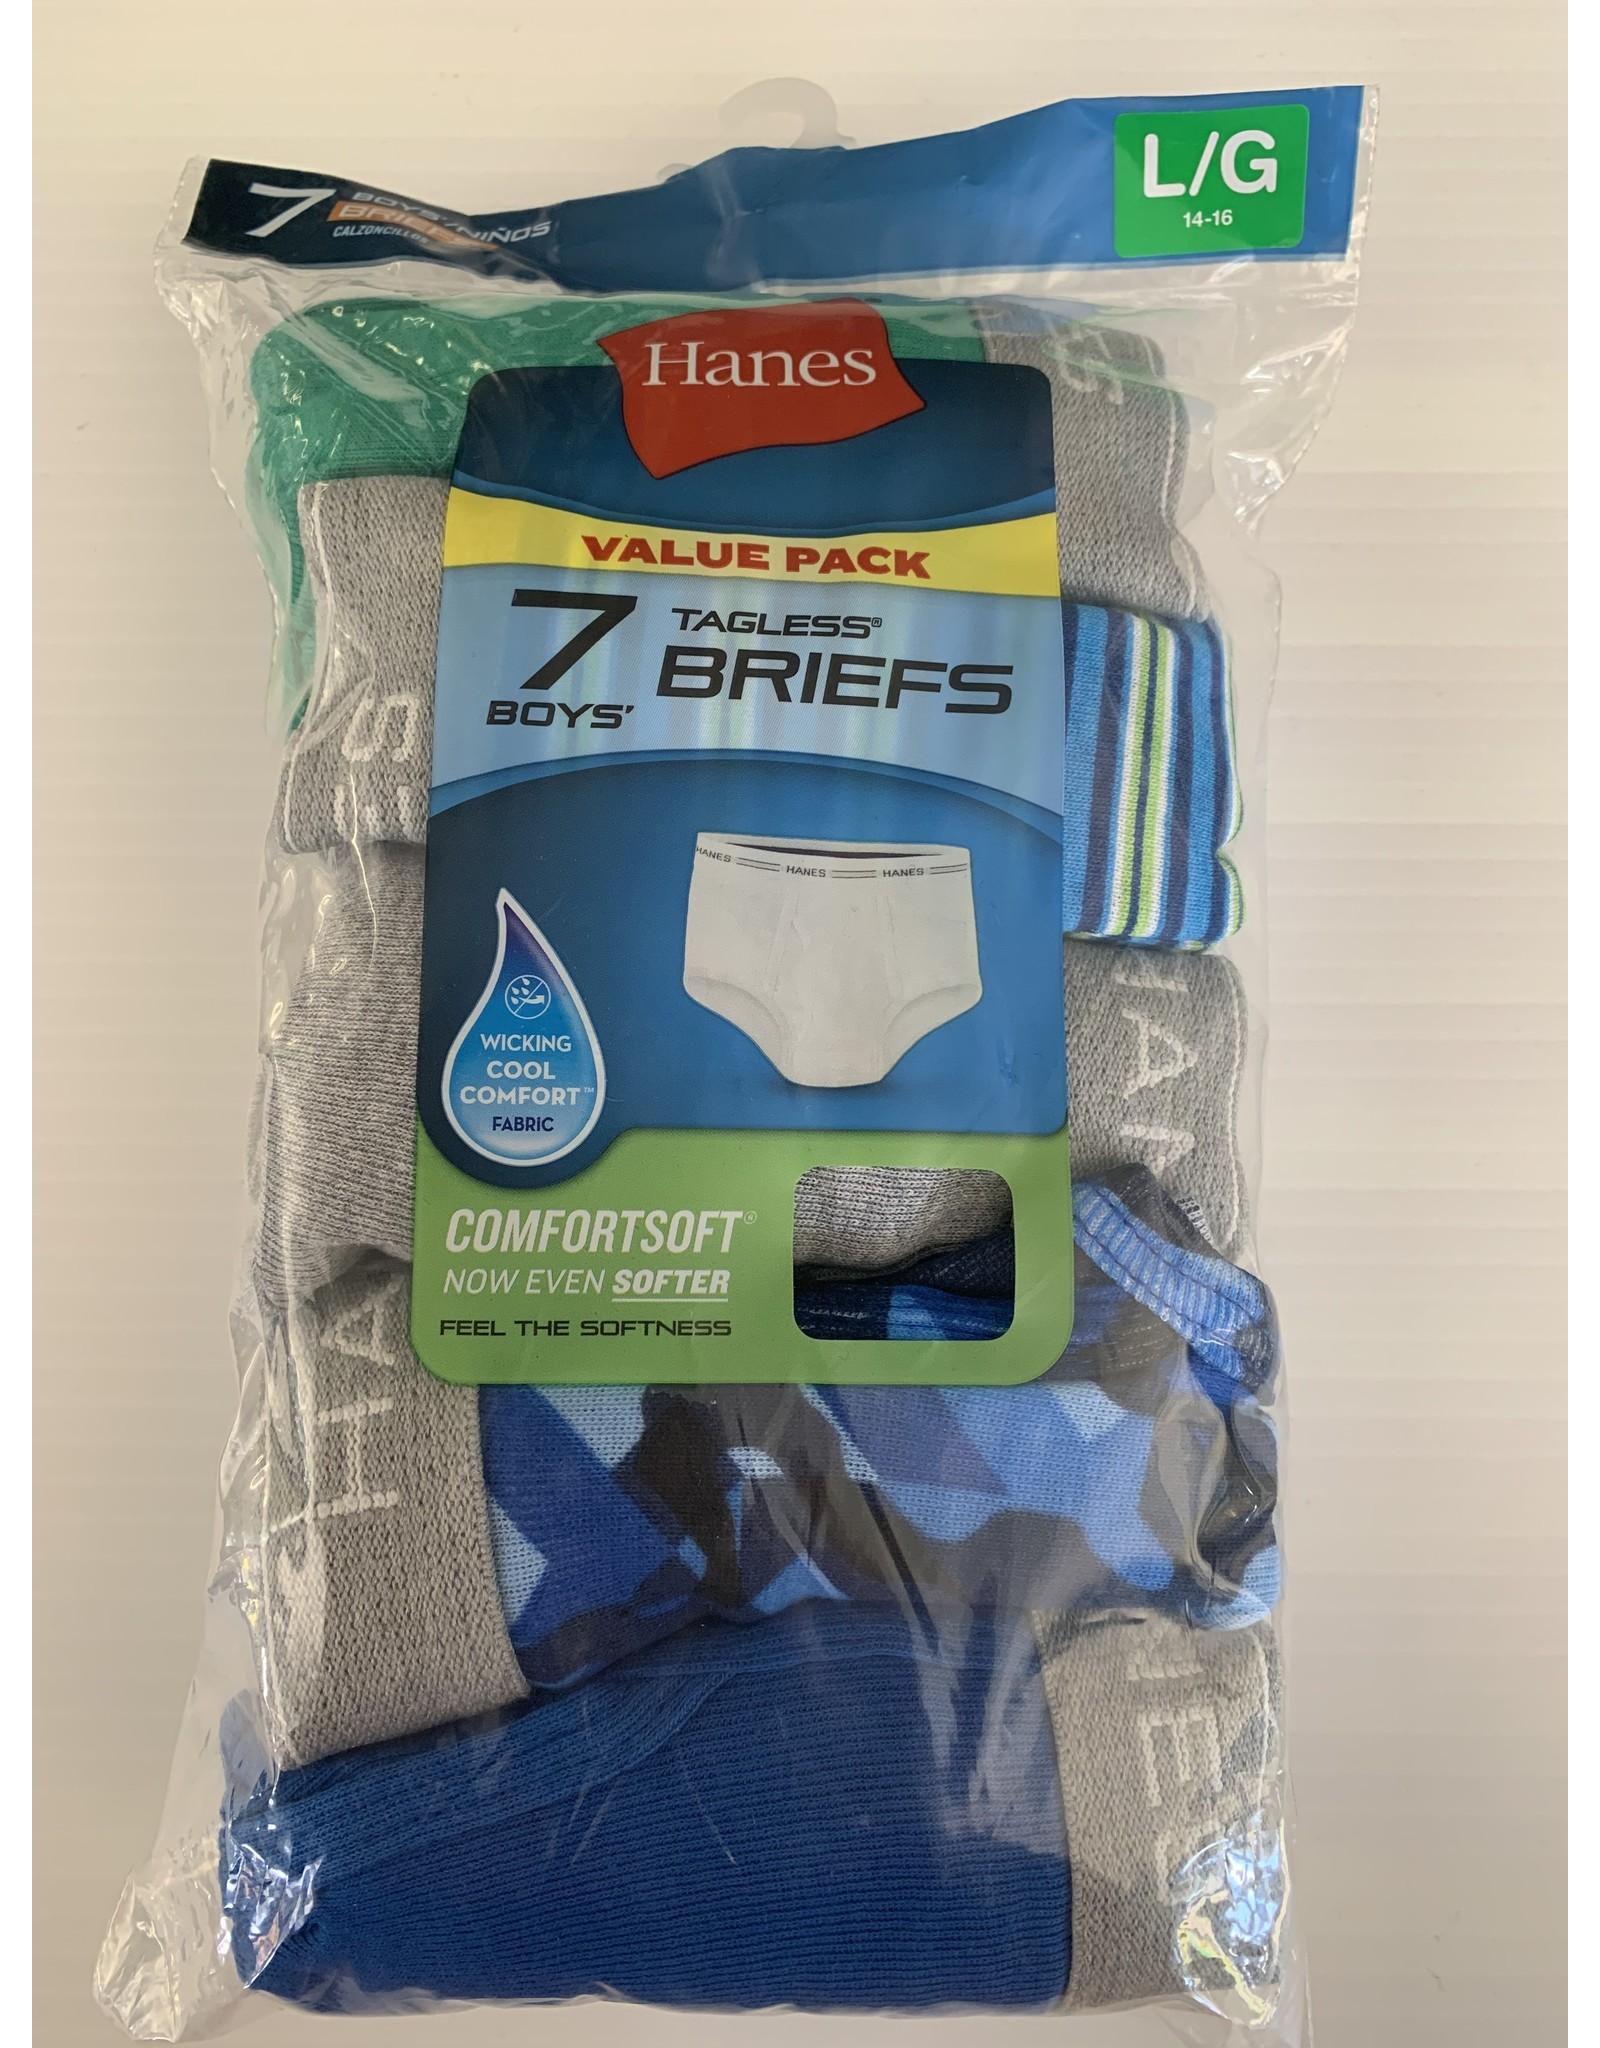 Hanes Hanes Boy's Tagless Cotton Briefs